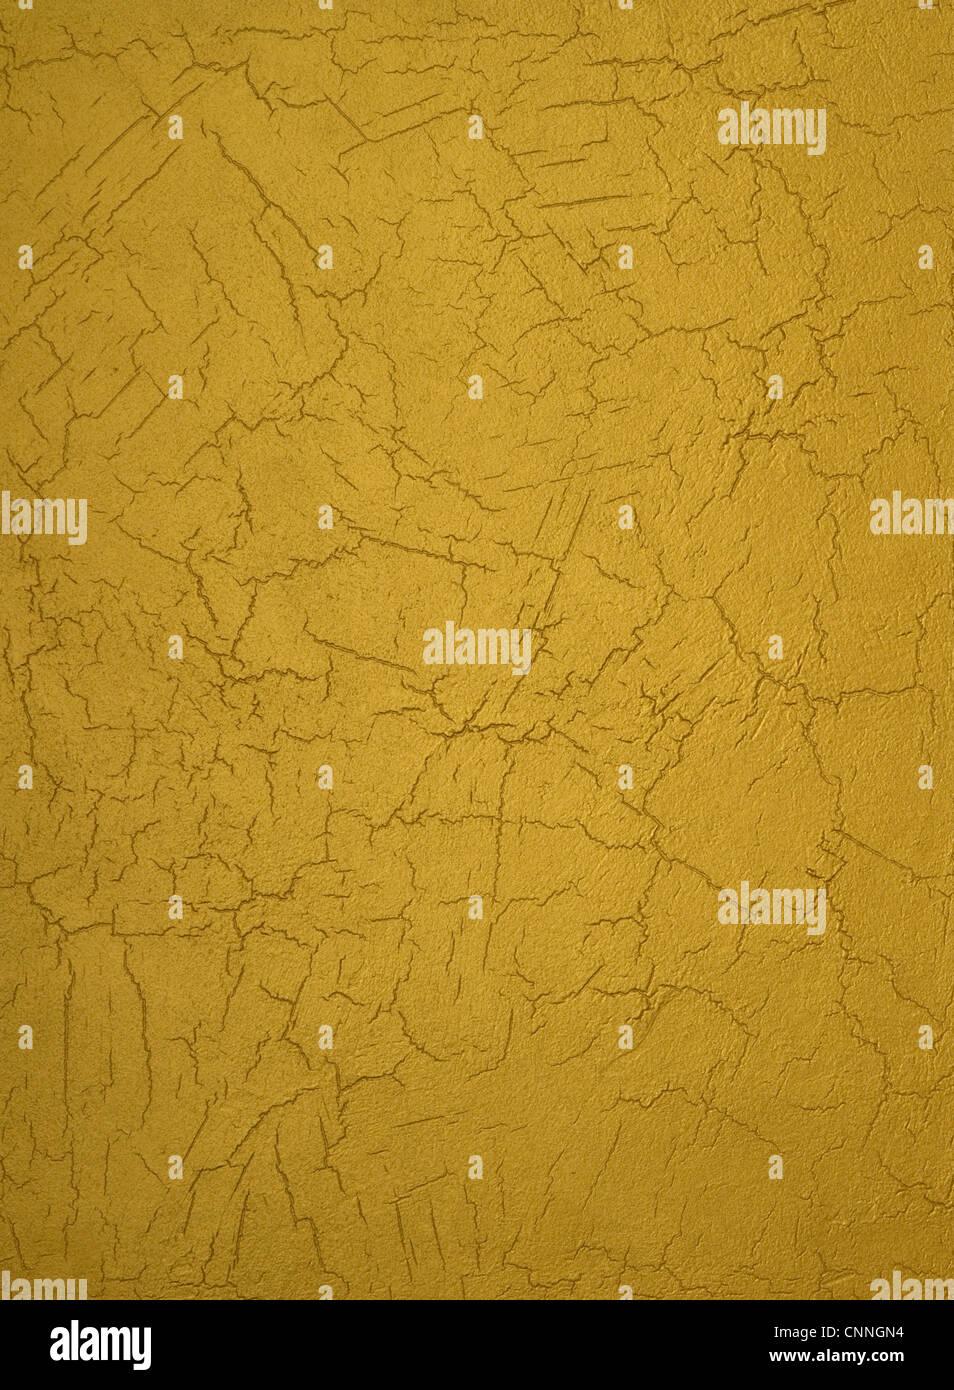 Textur von einer Betonmauer bedeckt Goldfarbe, mit Schlägen. Stockbild